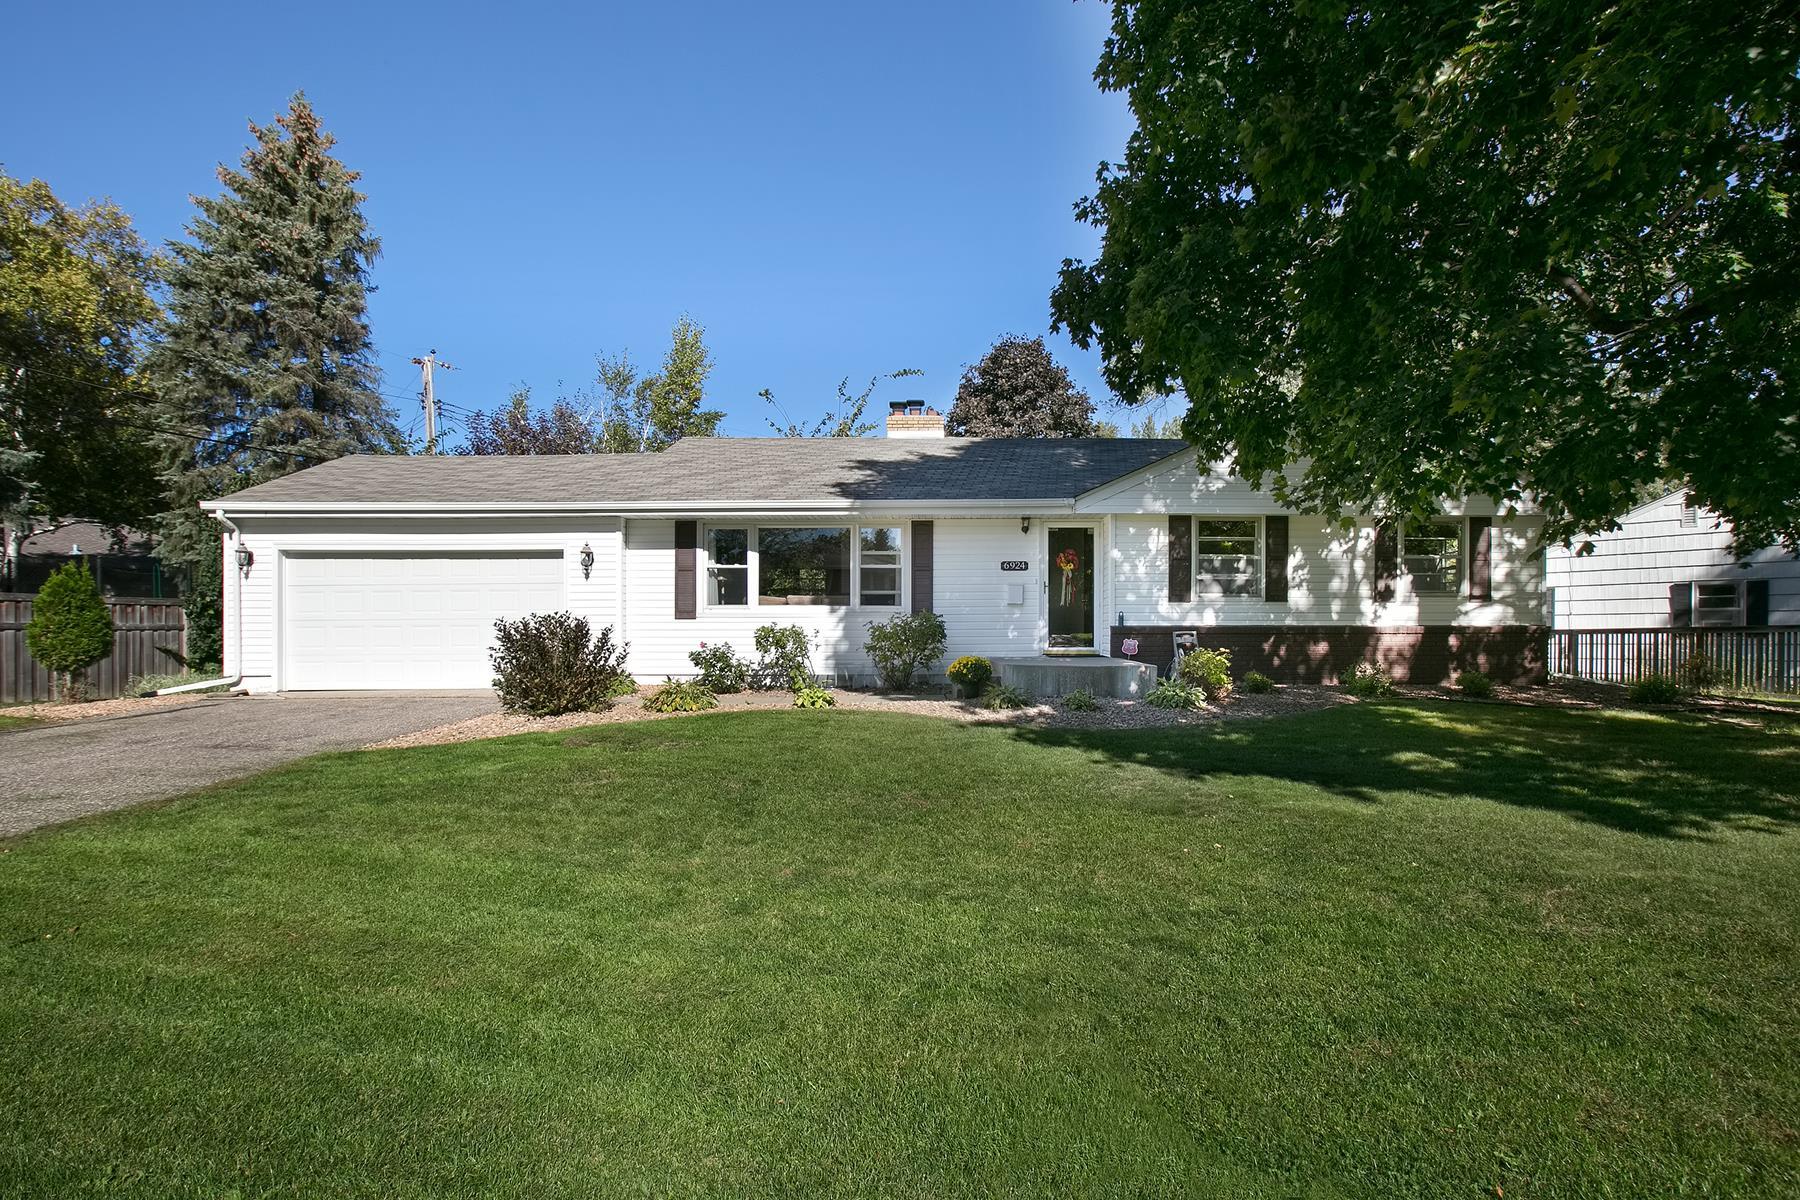 Maison unifamiliale pour l Vente à 6924 Southdale Road Edina, Minnesota 55435 États-Unis